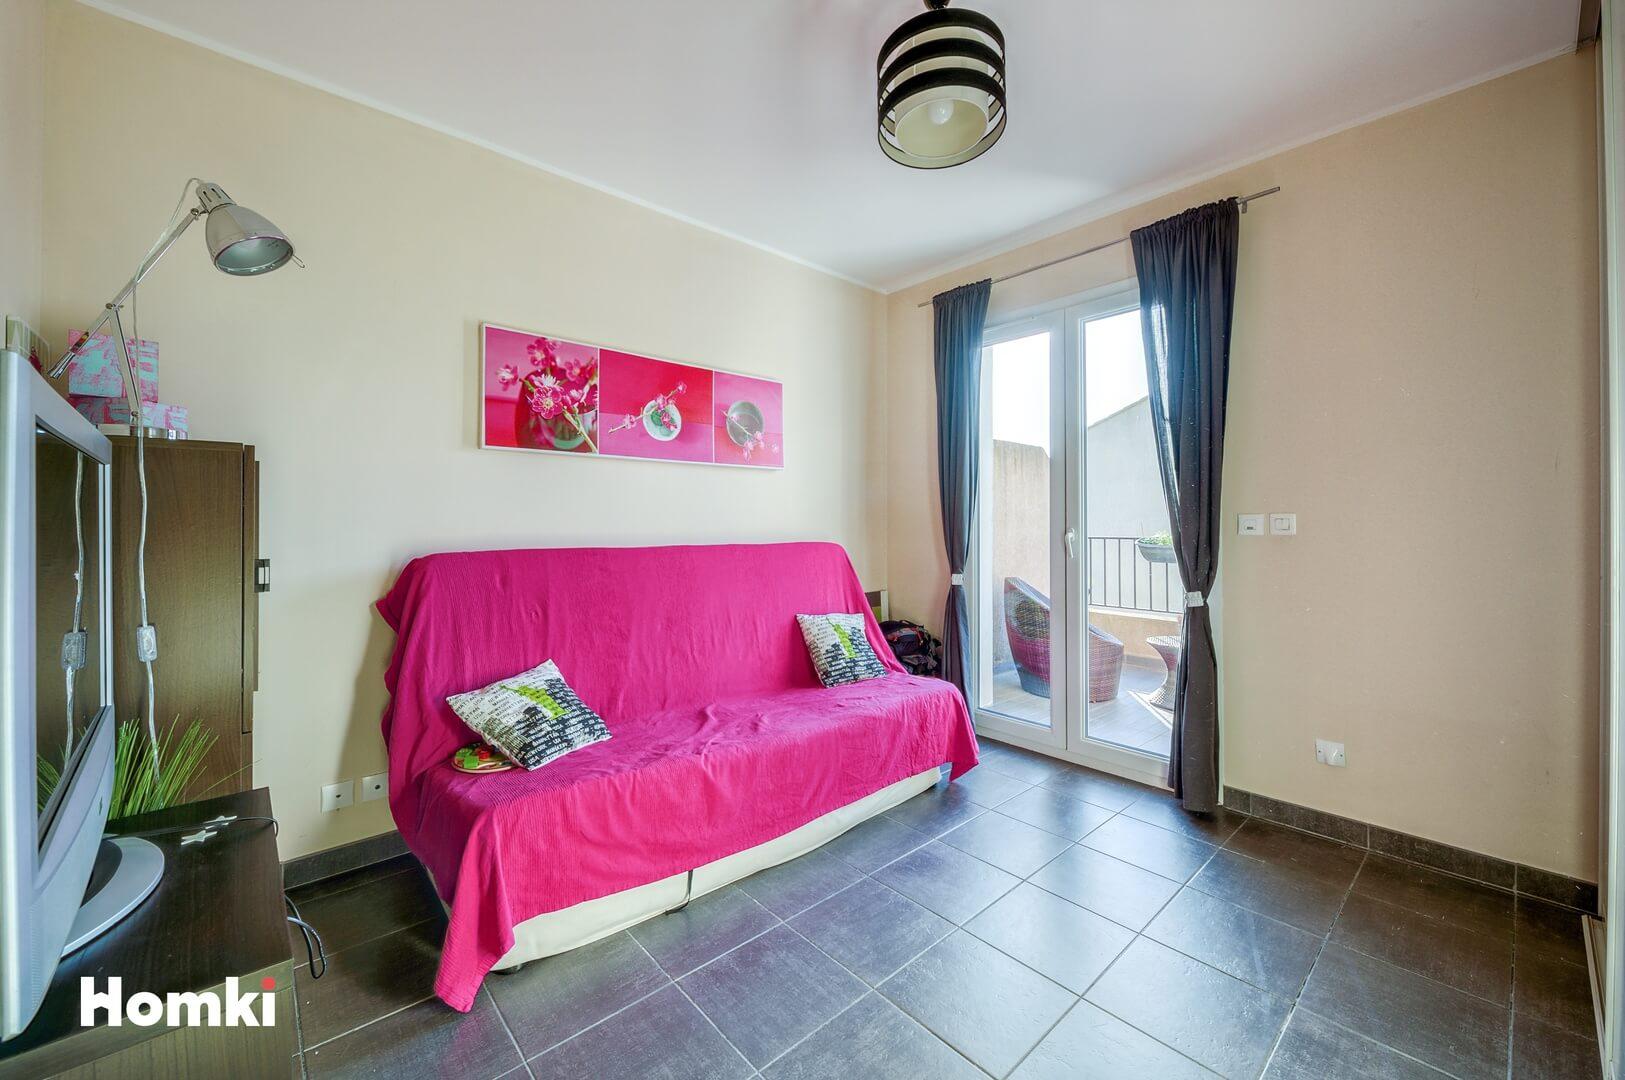 Homki - Vente Maison/villa  de 91.0 m² à Martigues 13117